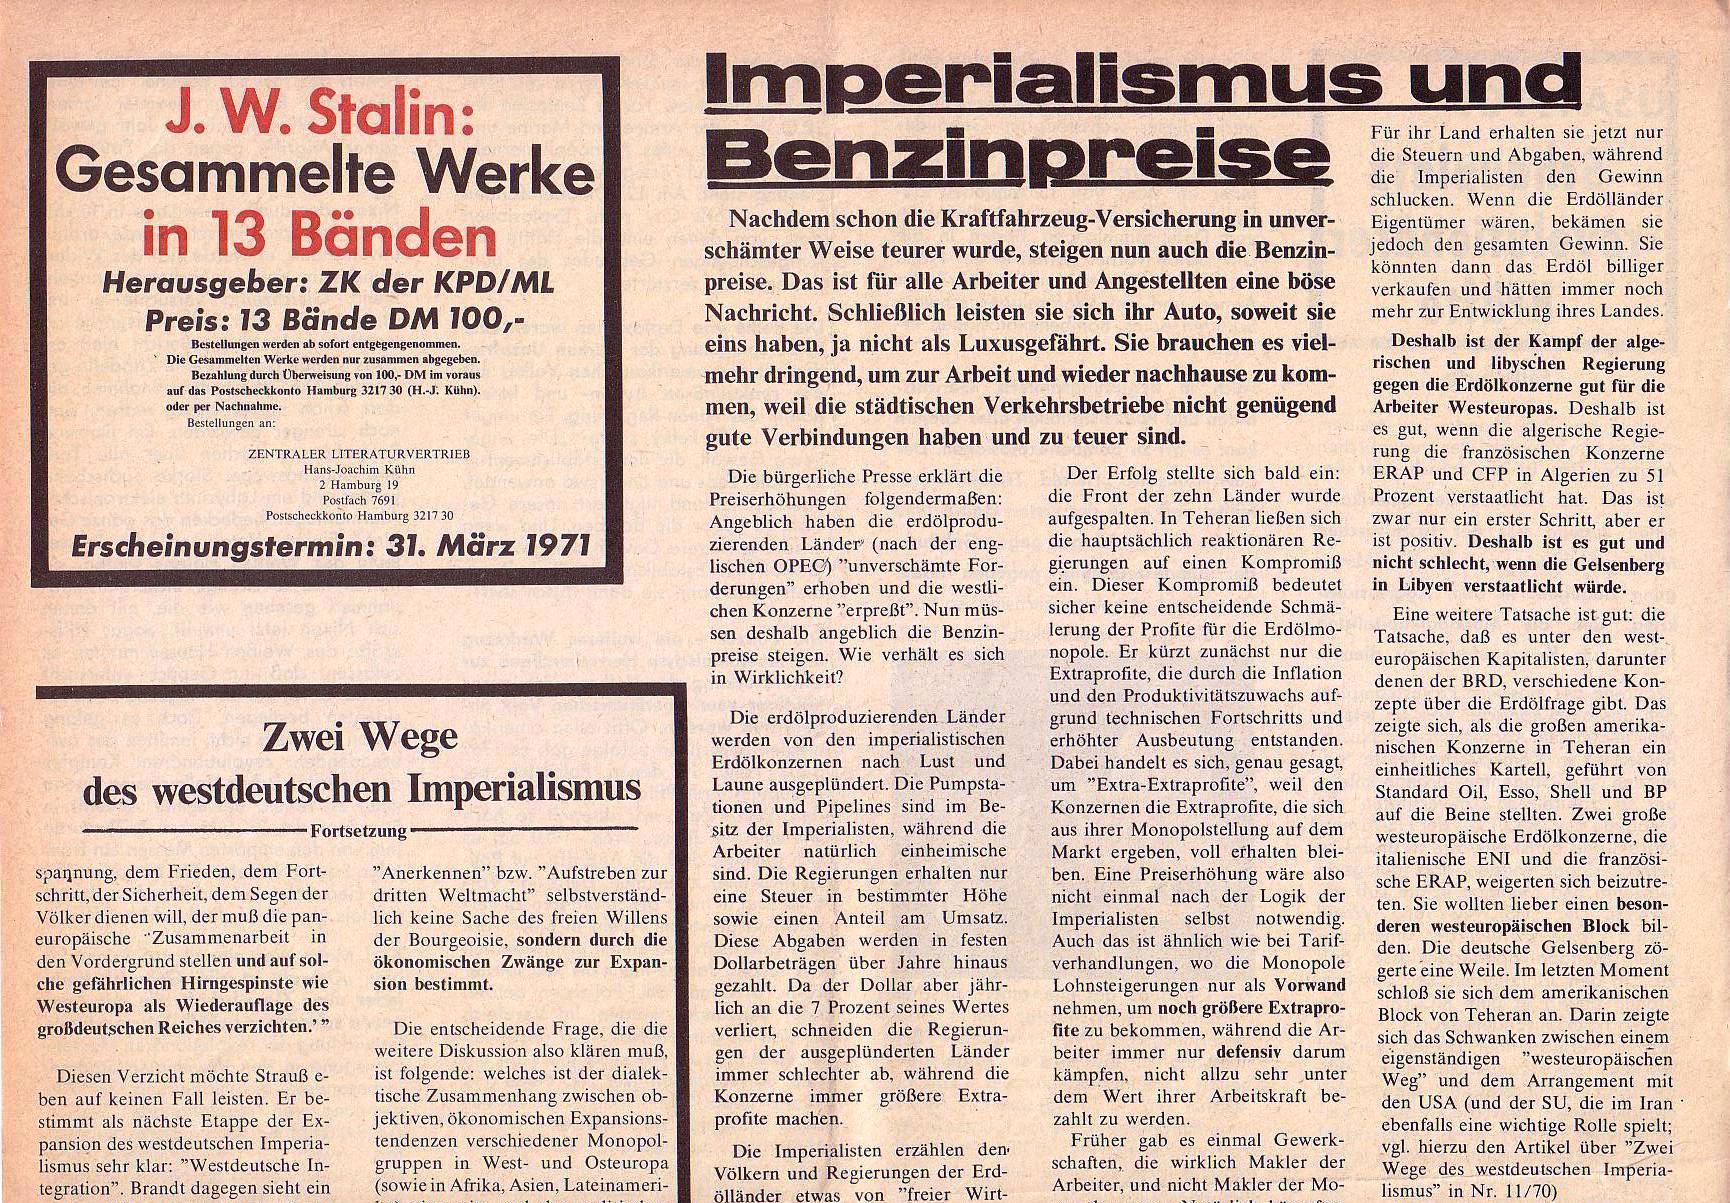 Roter Morgen, 5. Jg., März 1971, Nr. 3, Seite 8a